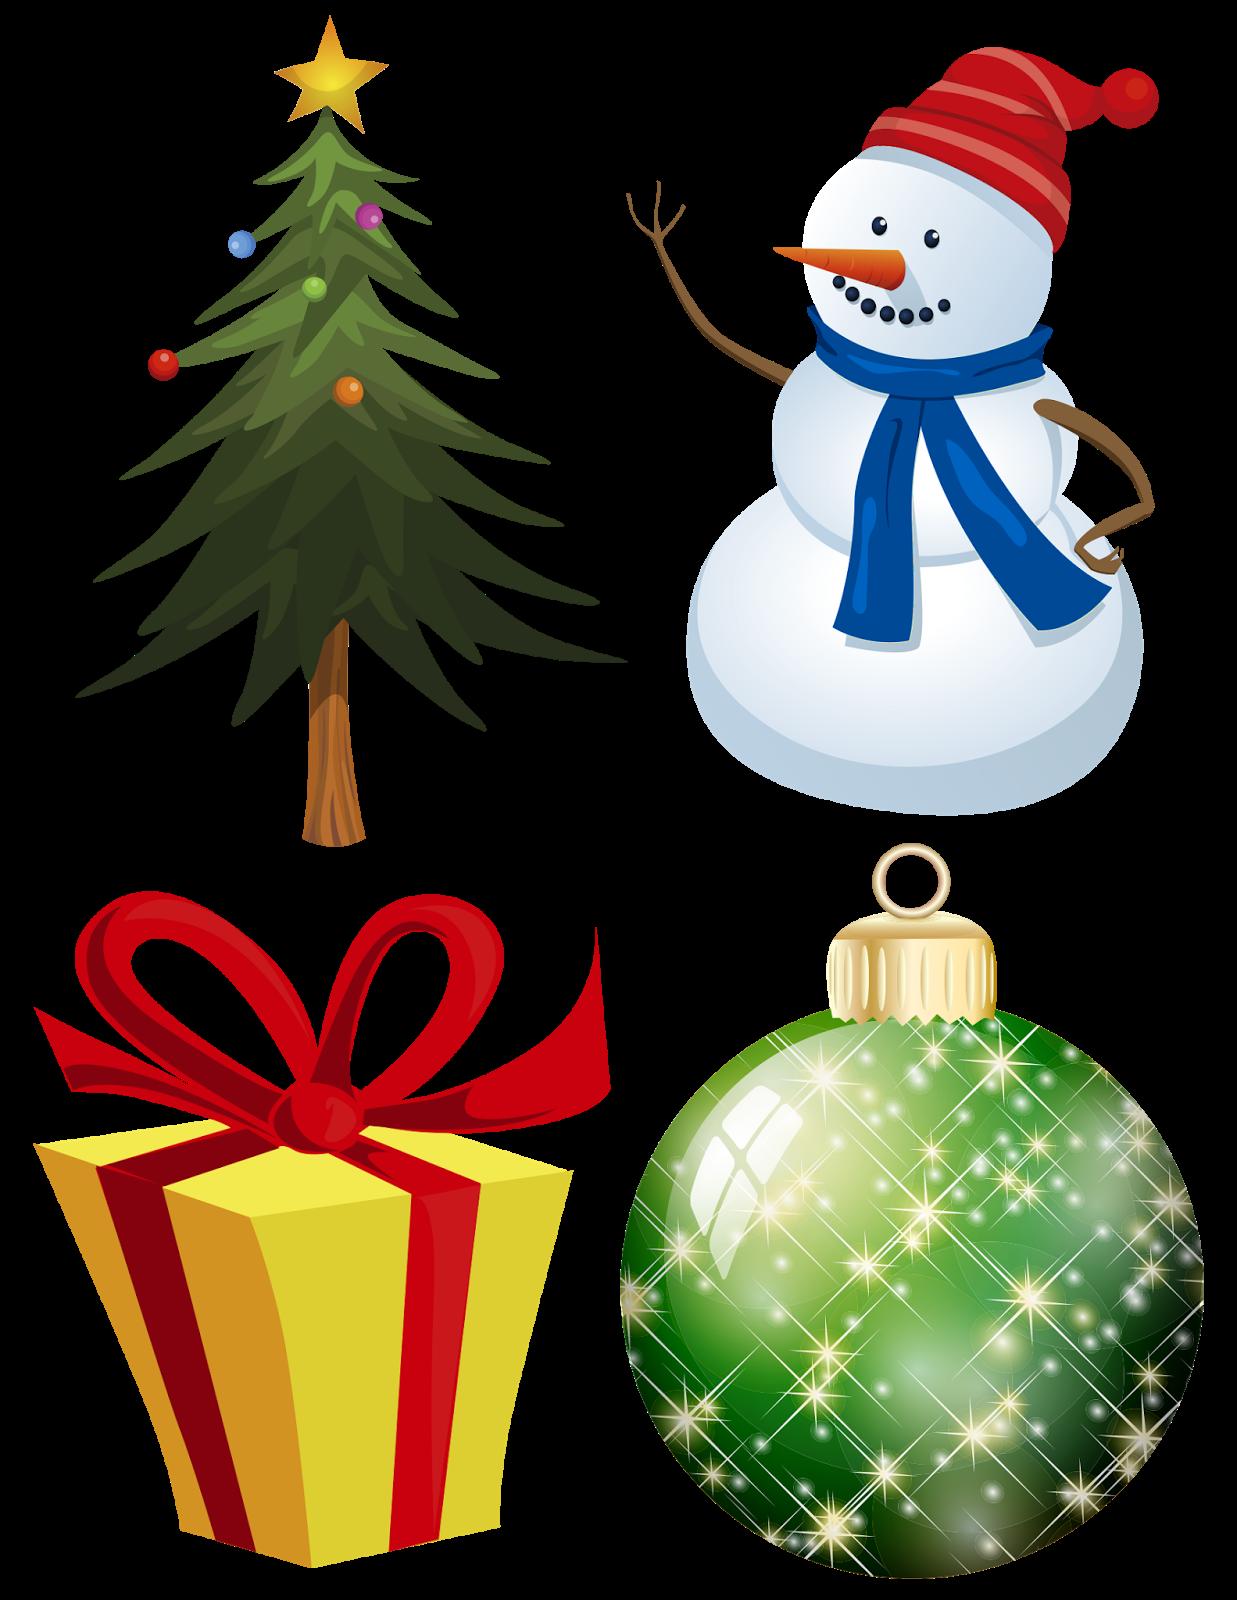 Muñeco de nieve, pino navideño, caja de regalo y esfera navideña